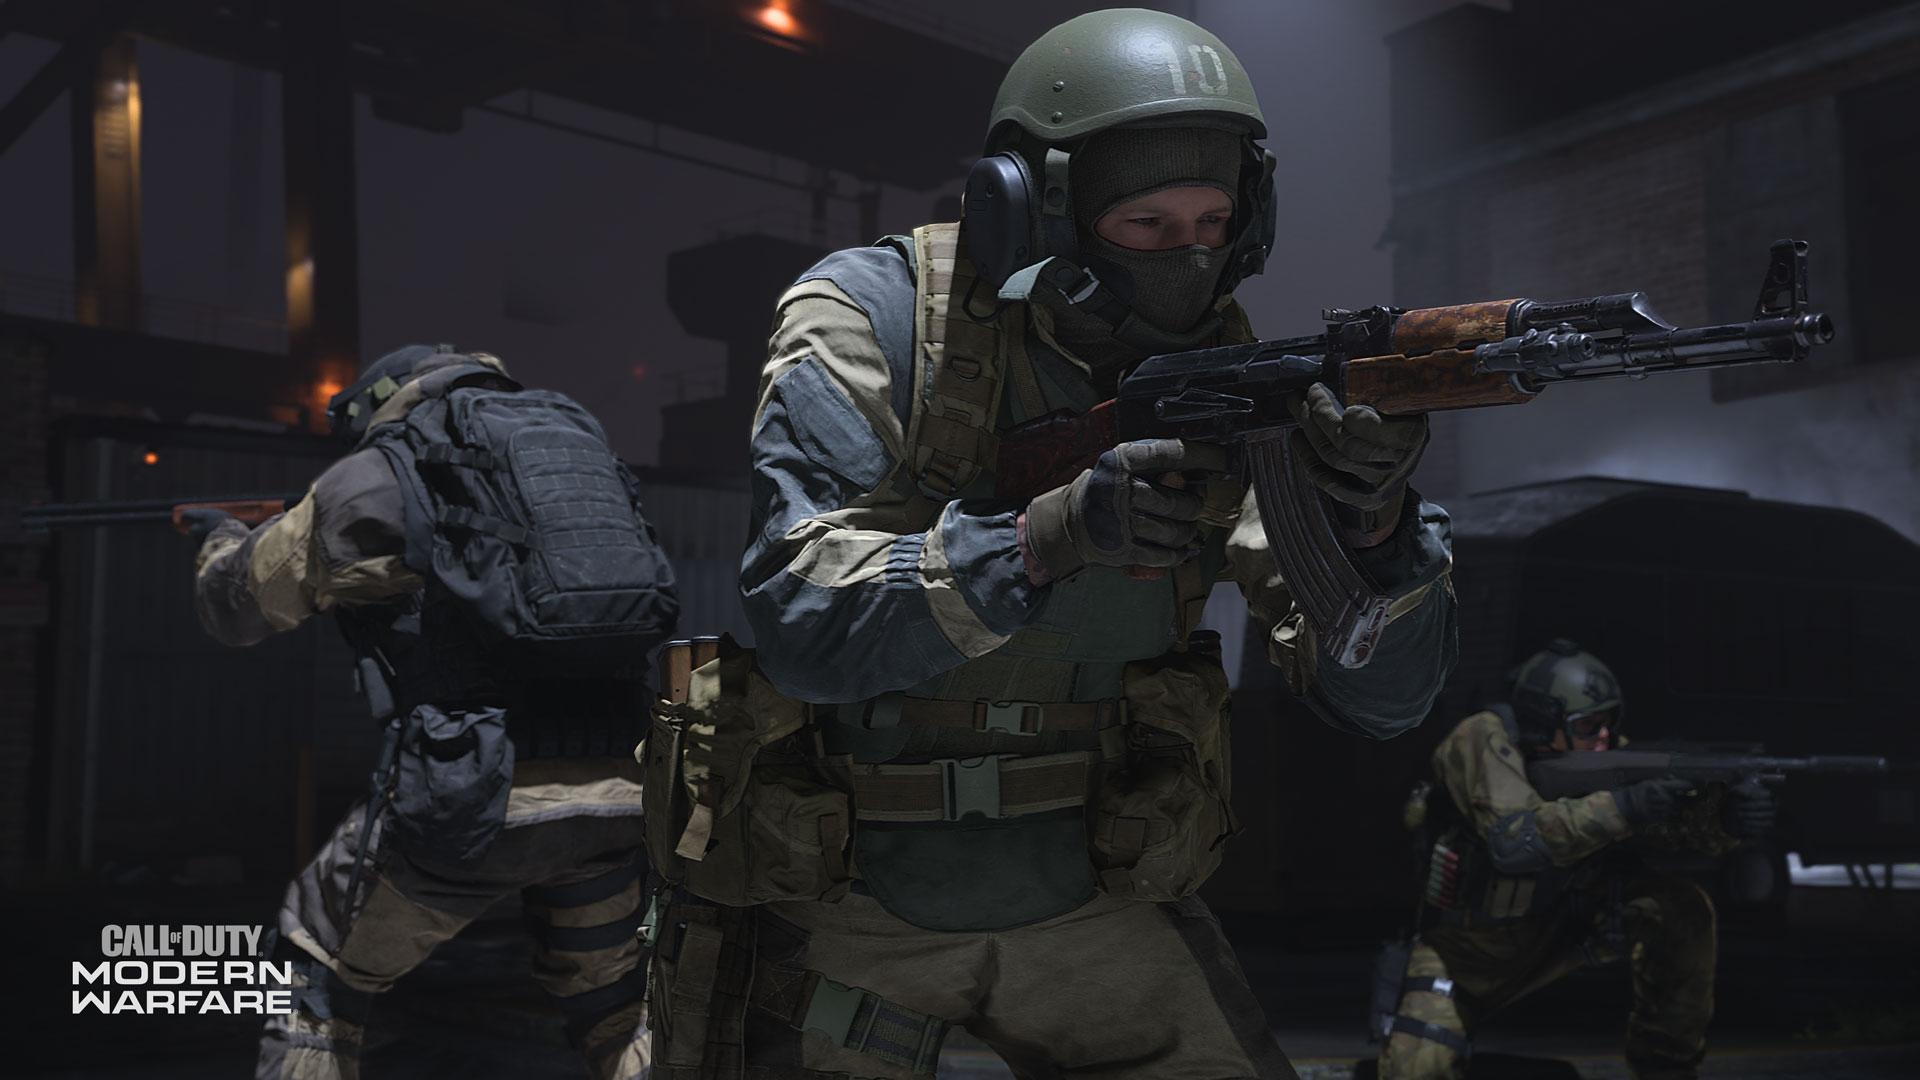 BETA MODES REALISM - Das erwartet euch in der Call of Duty Modern Warfare Beta